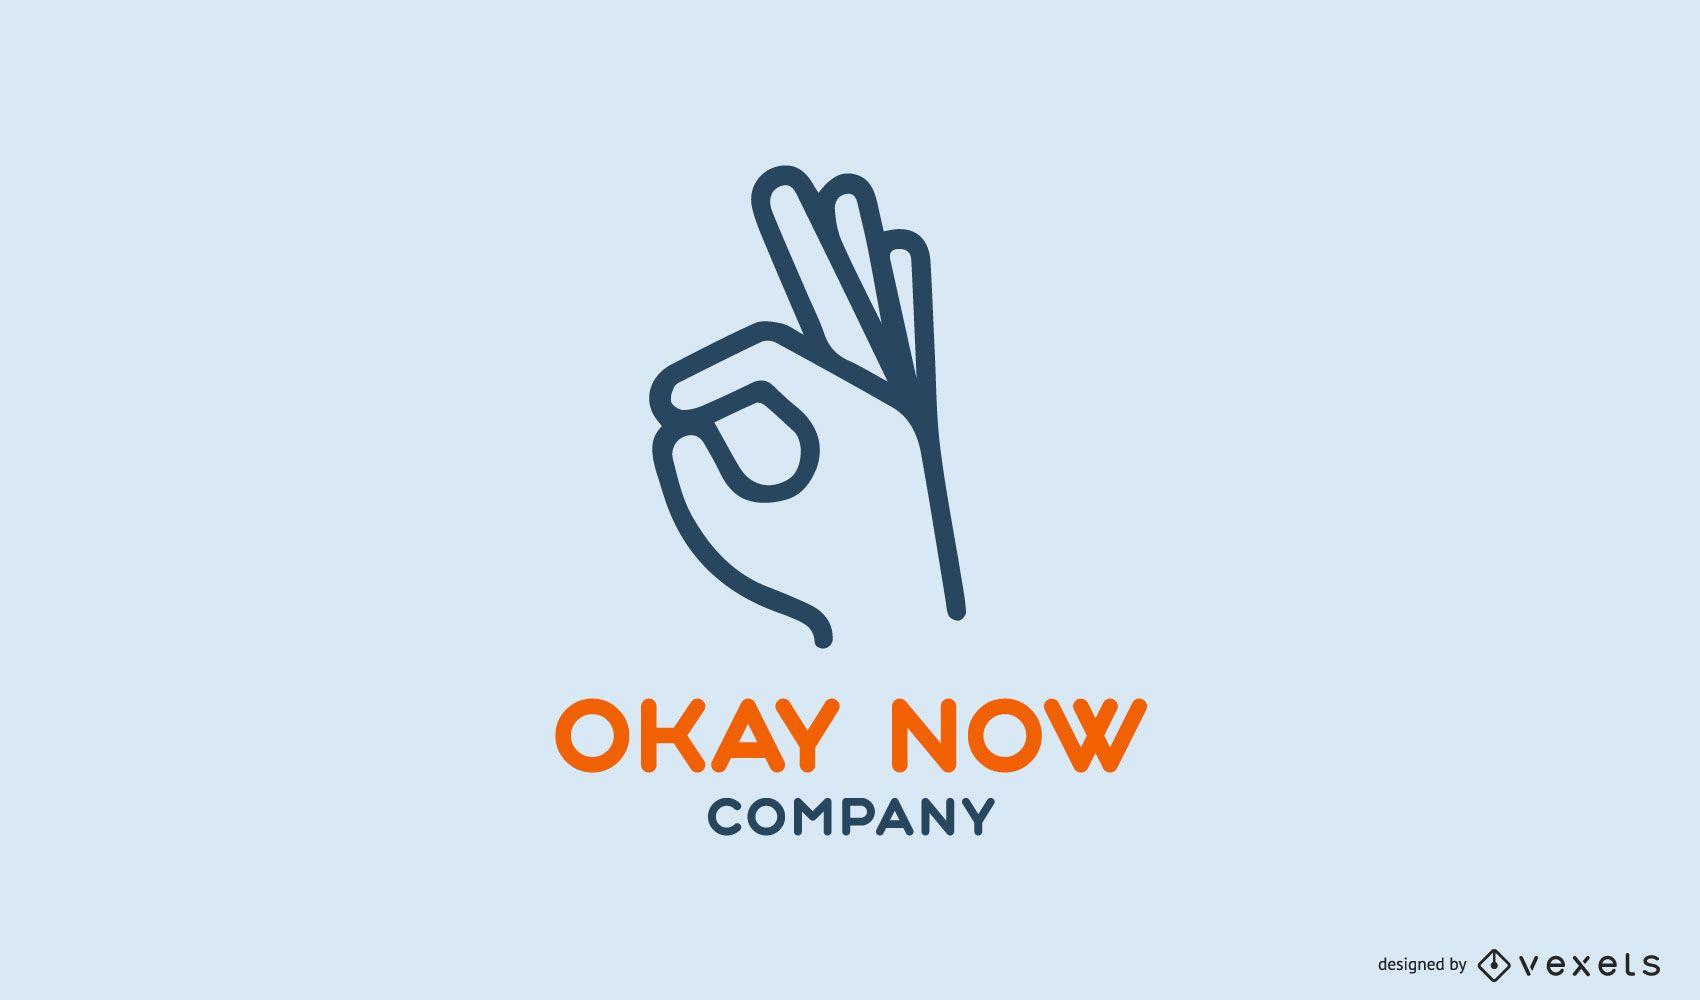 Ok agora modelo de logotipo da empresa